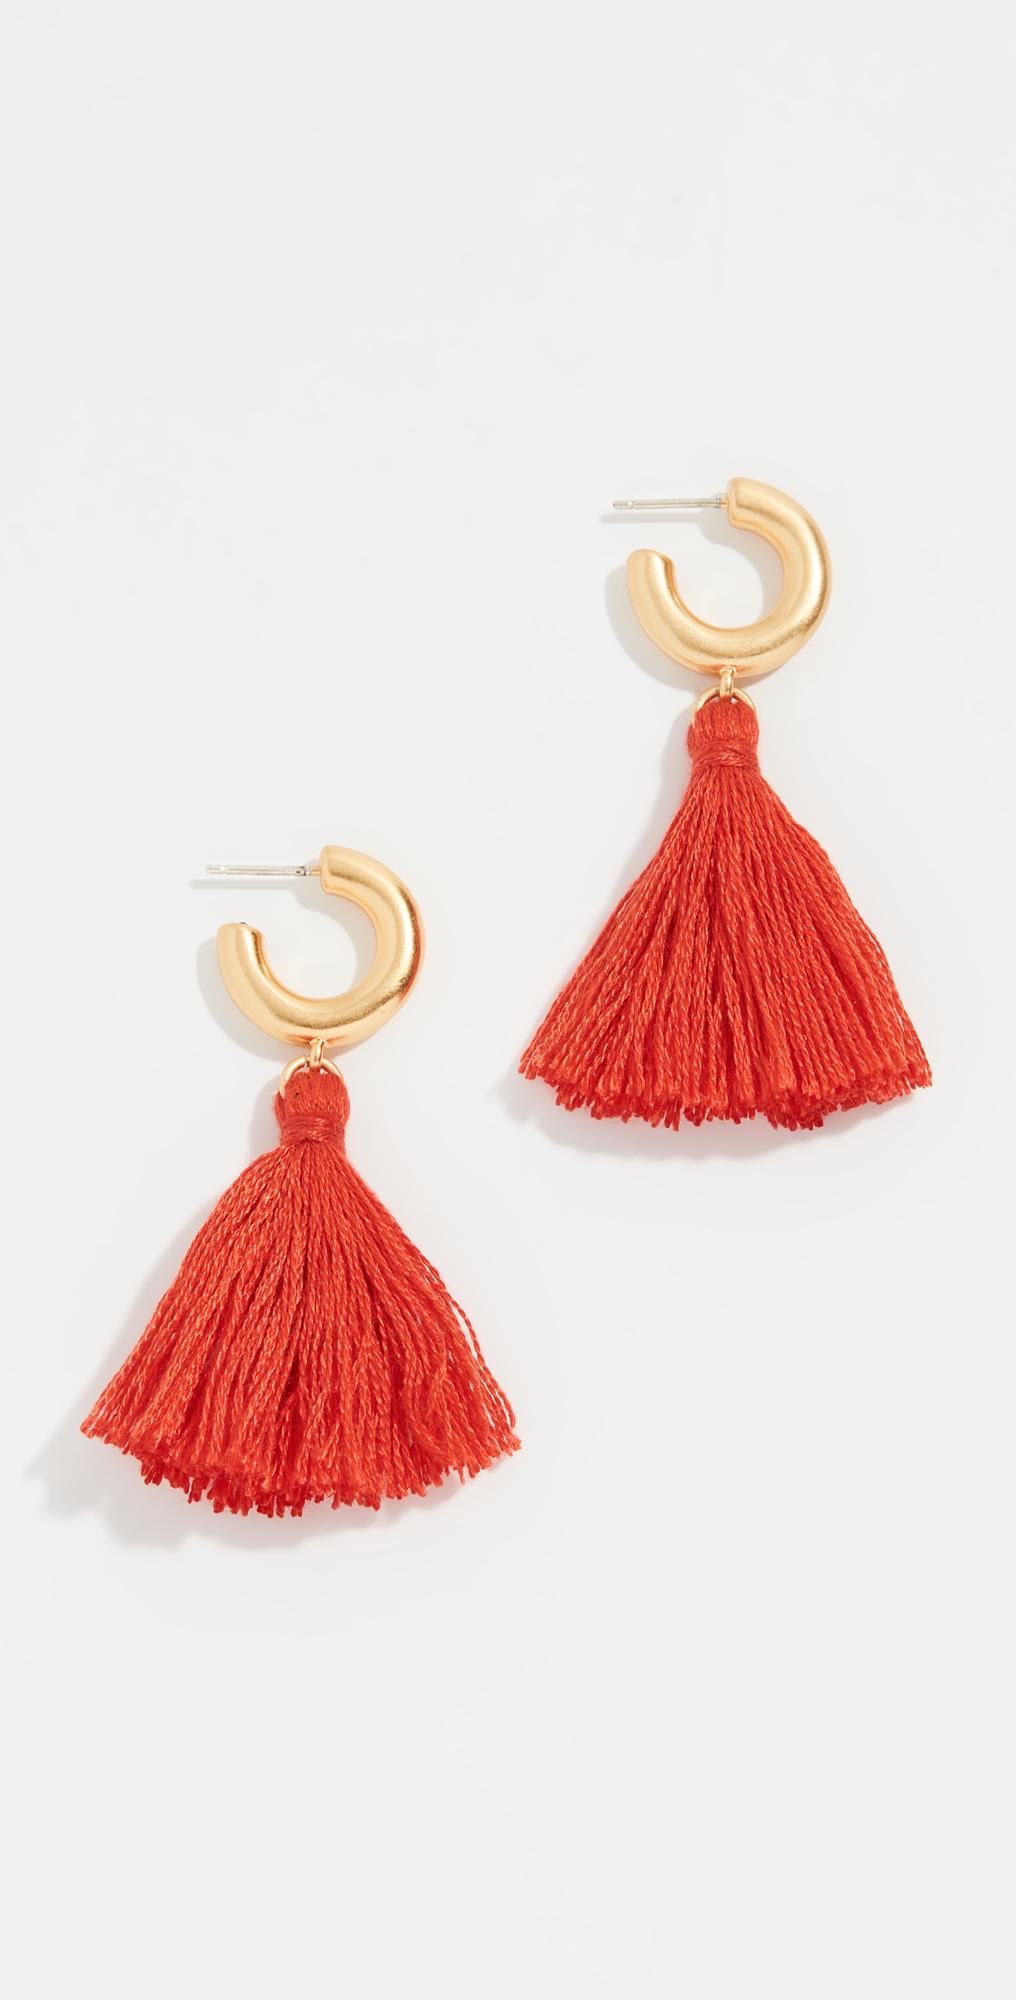 Lantern Tassel Earrings